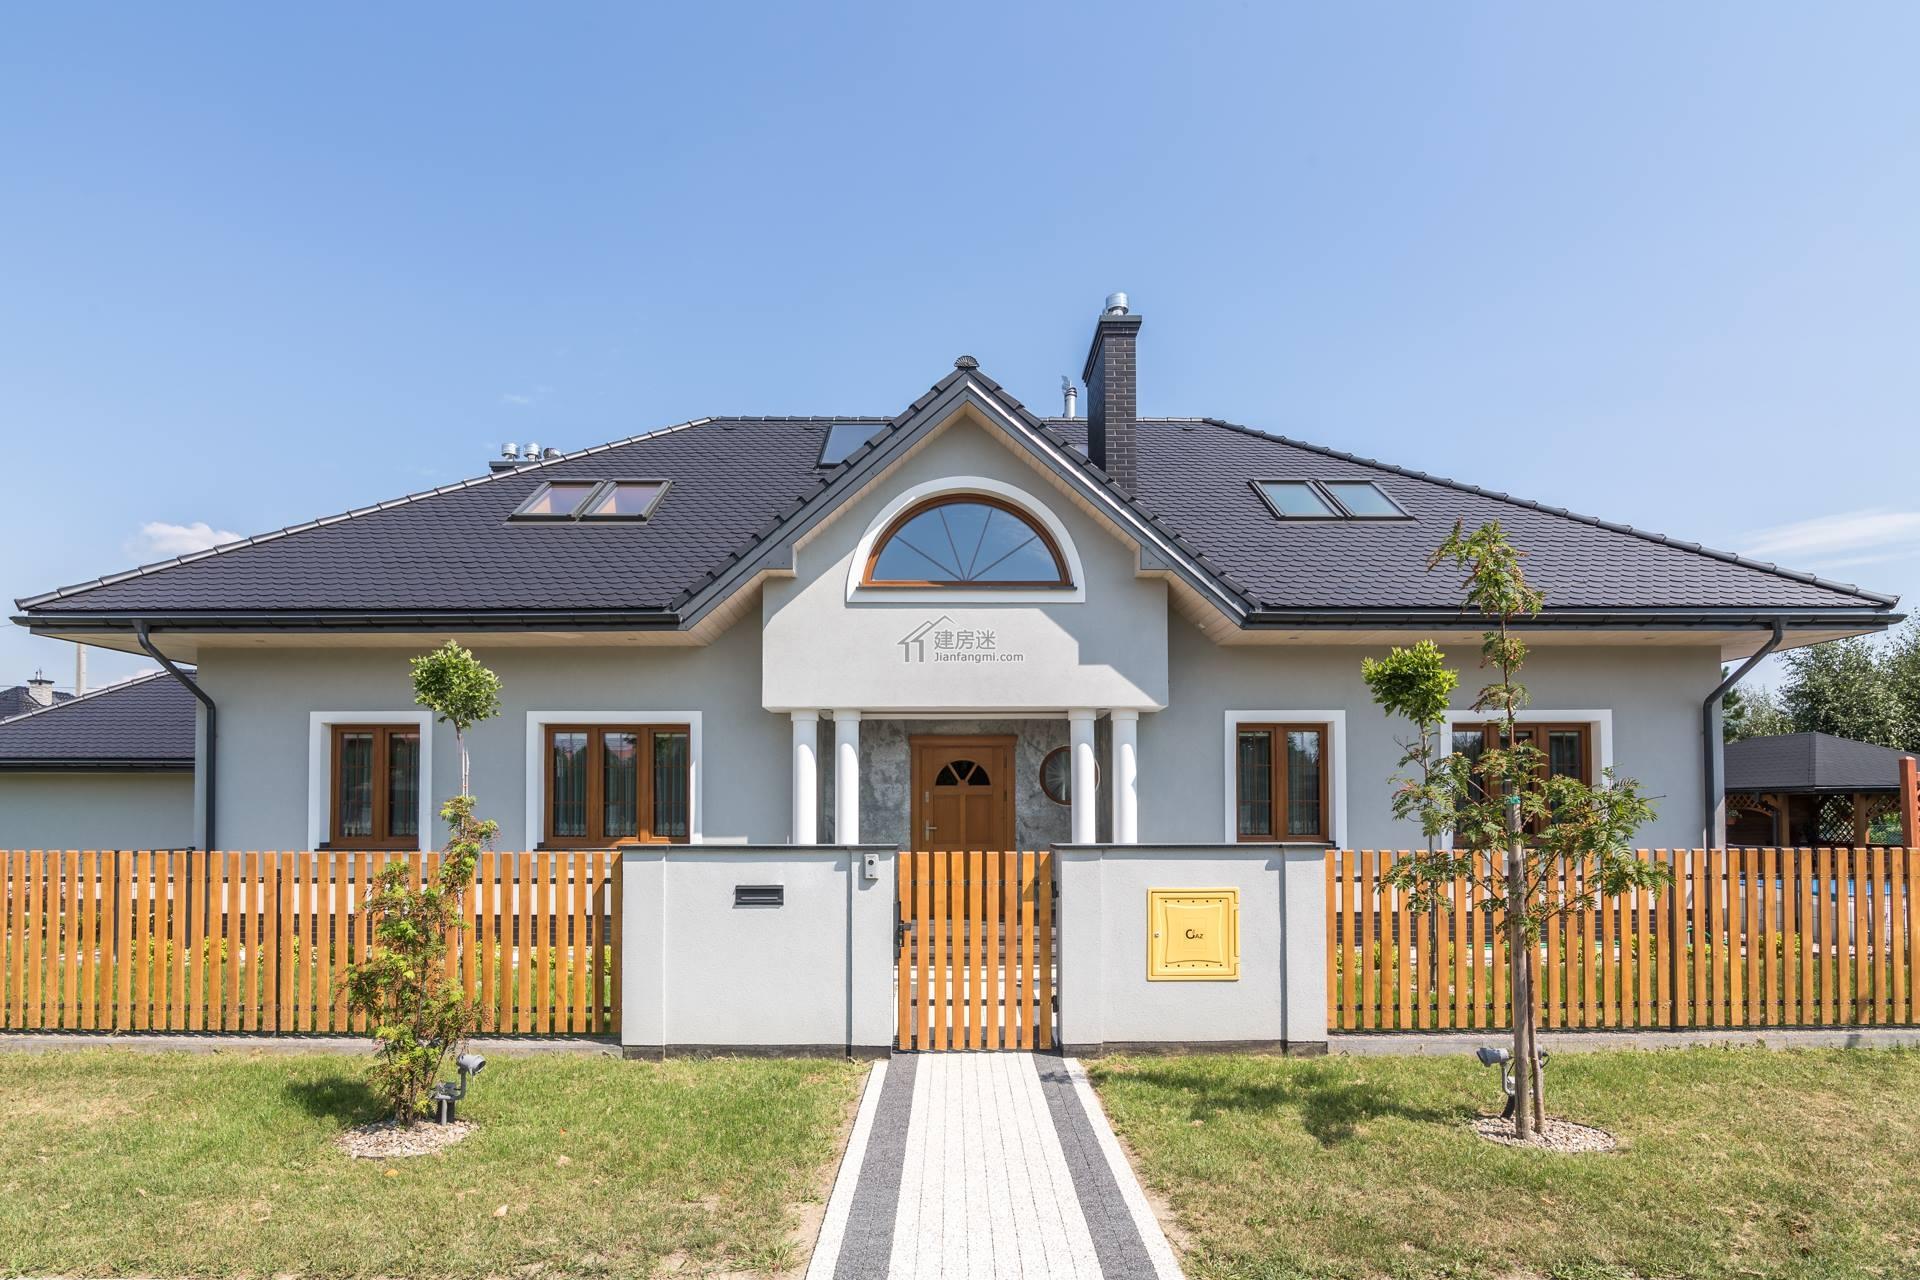 农村自建房子设计图两层带地下室10米x10米钢结构自建图片